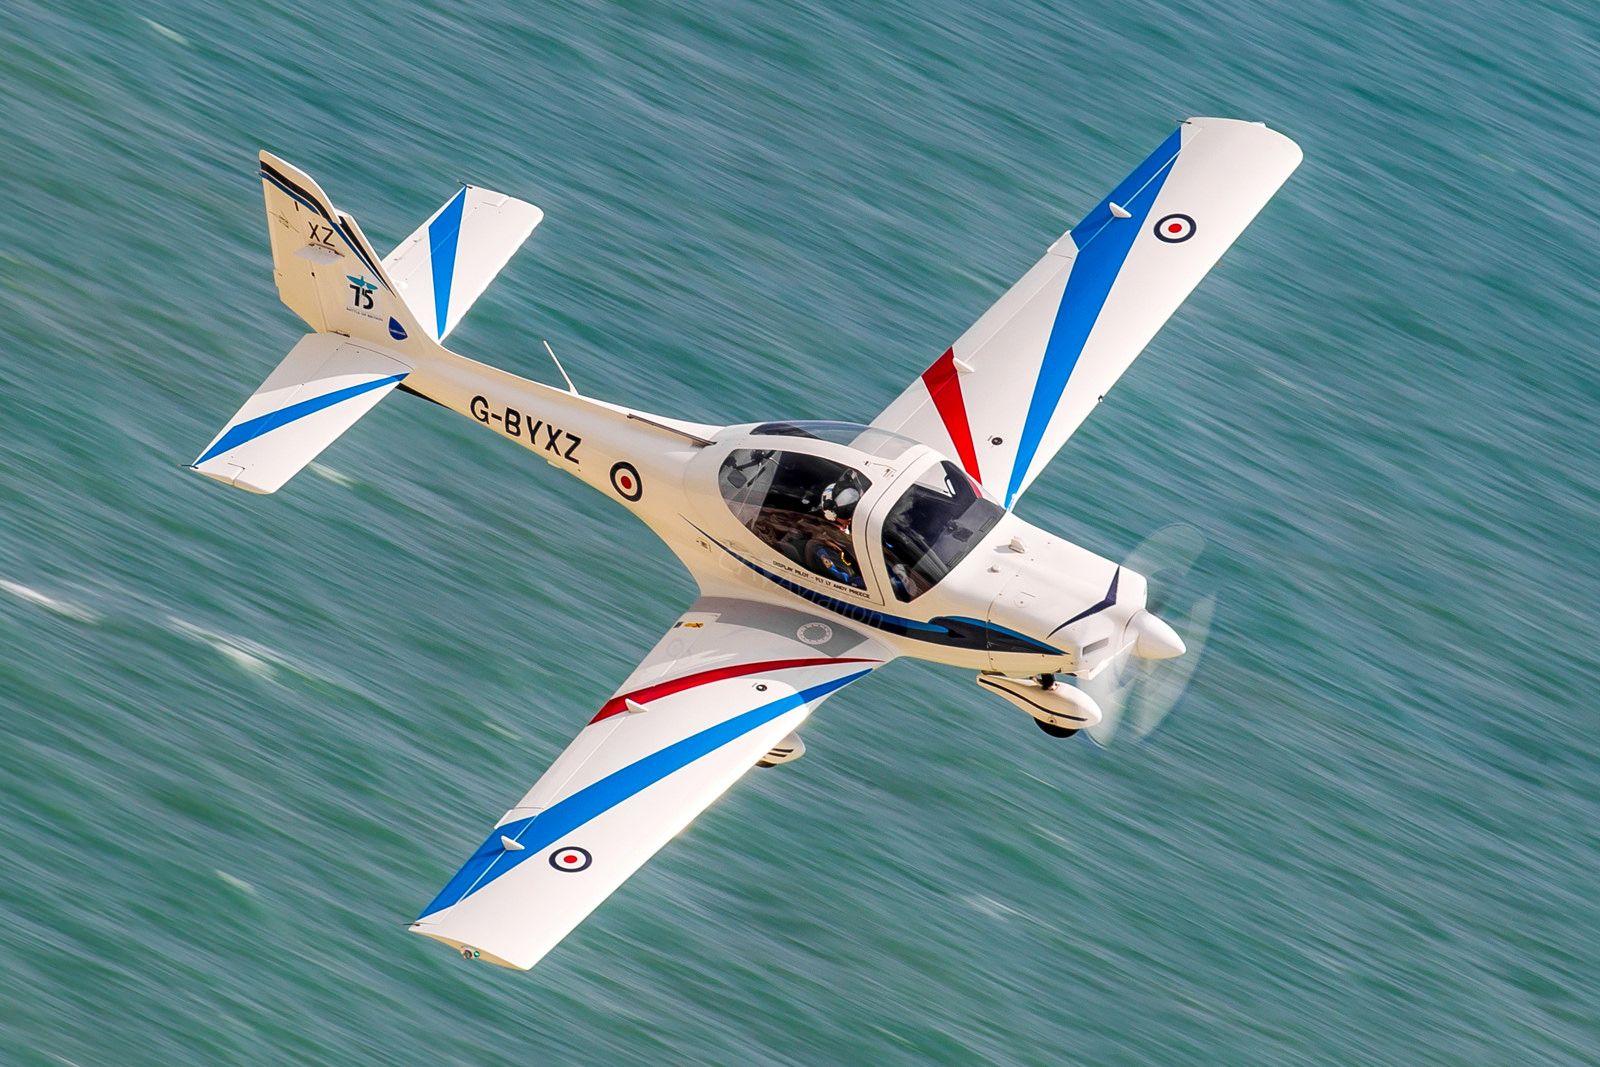 RAF Tutor, G-BYXZ